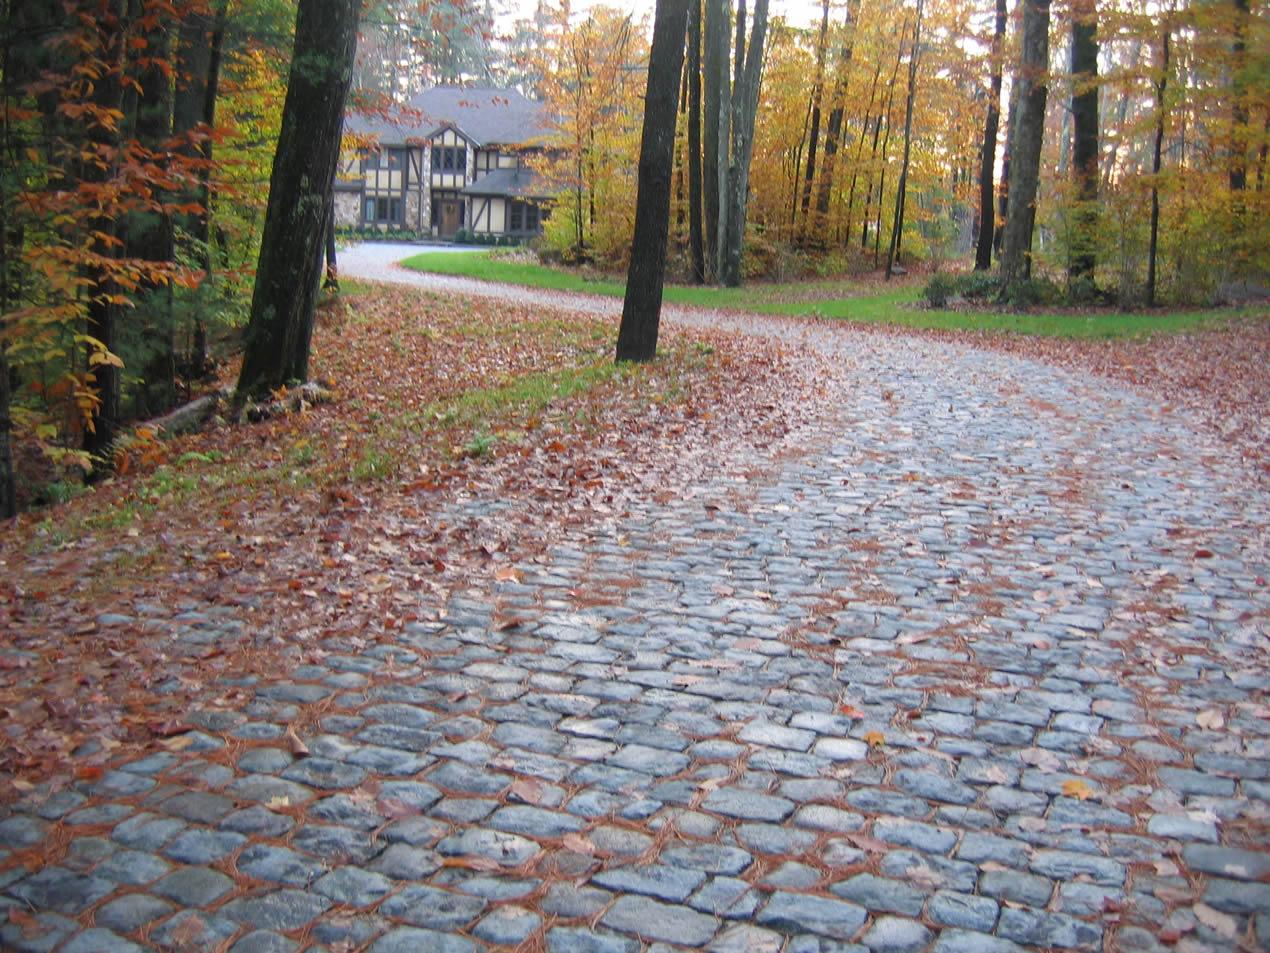 ANTIQUE RECLAIMED GRANITE COBBLESTONE  Antique Reclaimed Old Granite Cobblestone Antique Curb